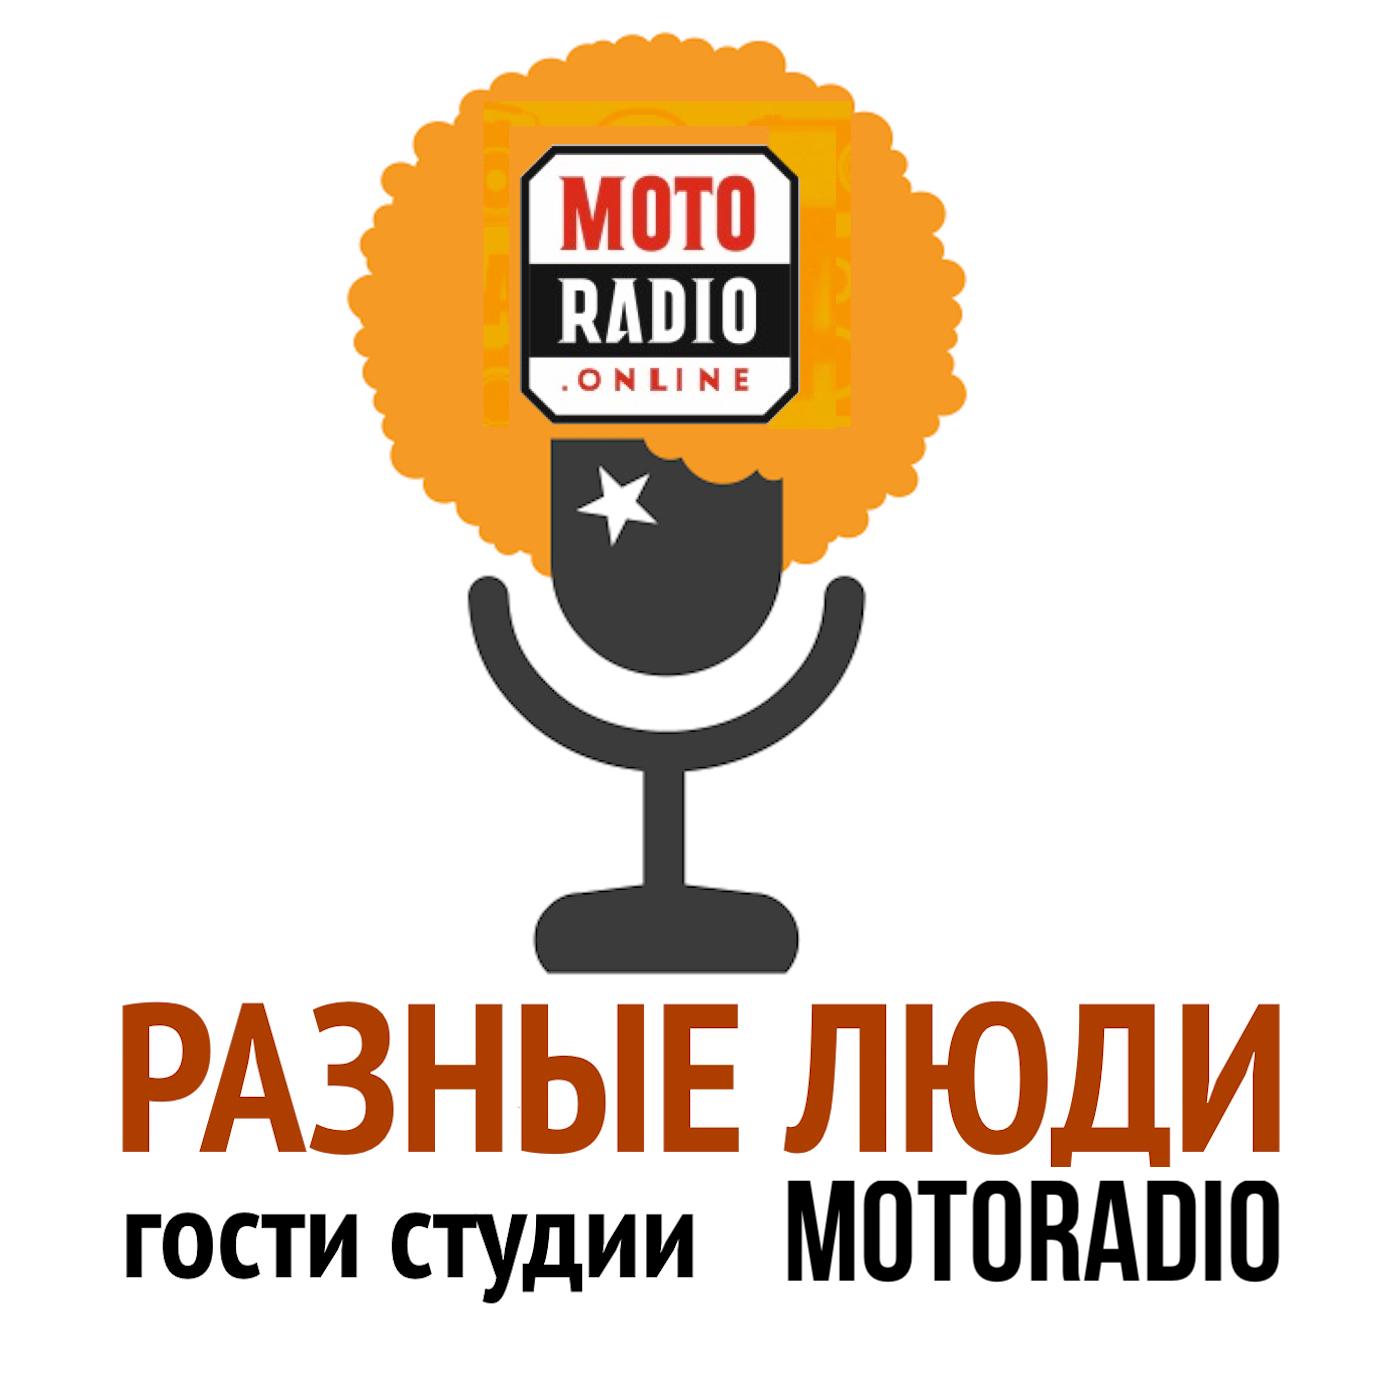 Моторадио В поисках справедливости — очередной выпуск программы на радио Фонтанка ФМ legeartis ct concept b533 10 5x21 5x112 d66 6 et43 sf